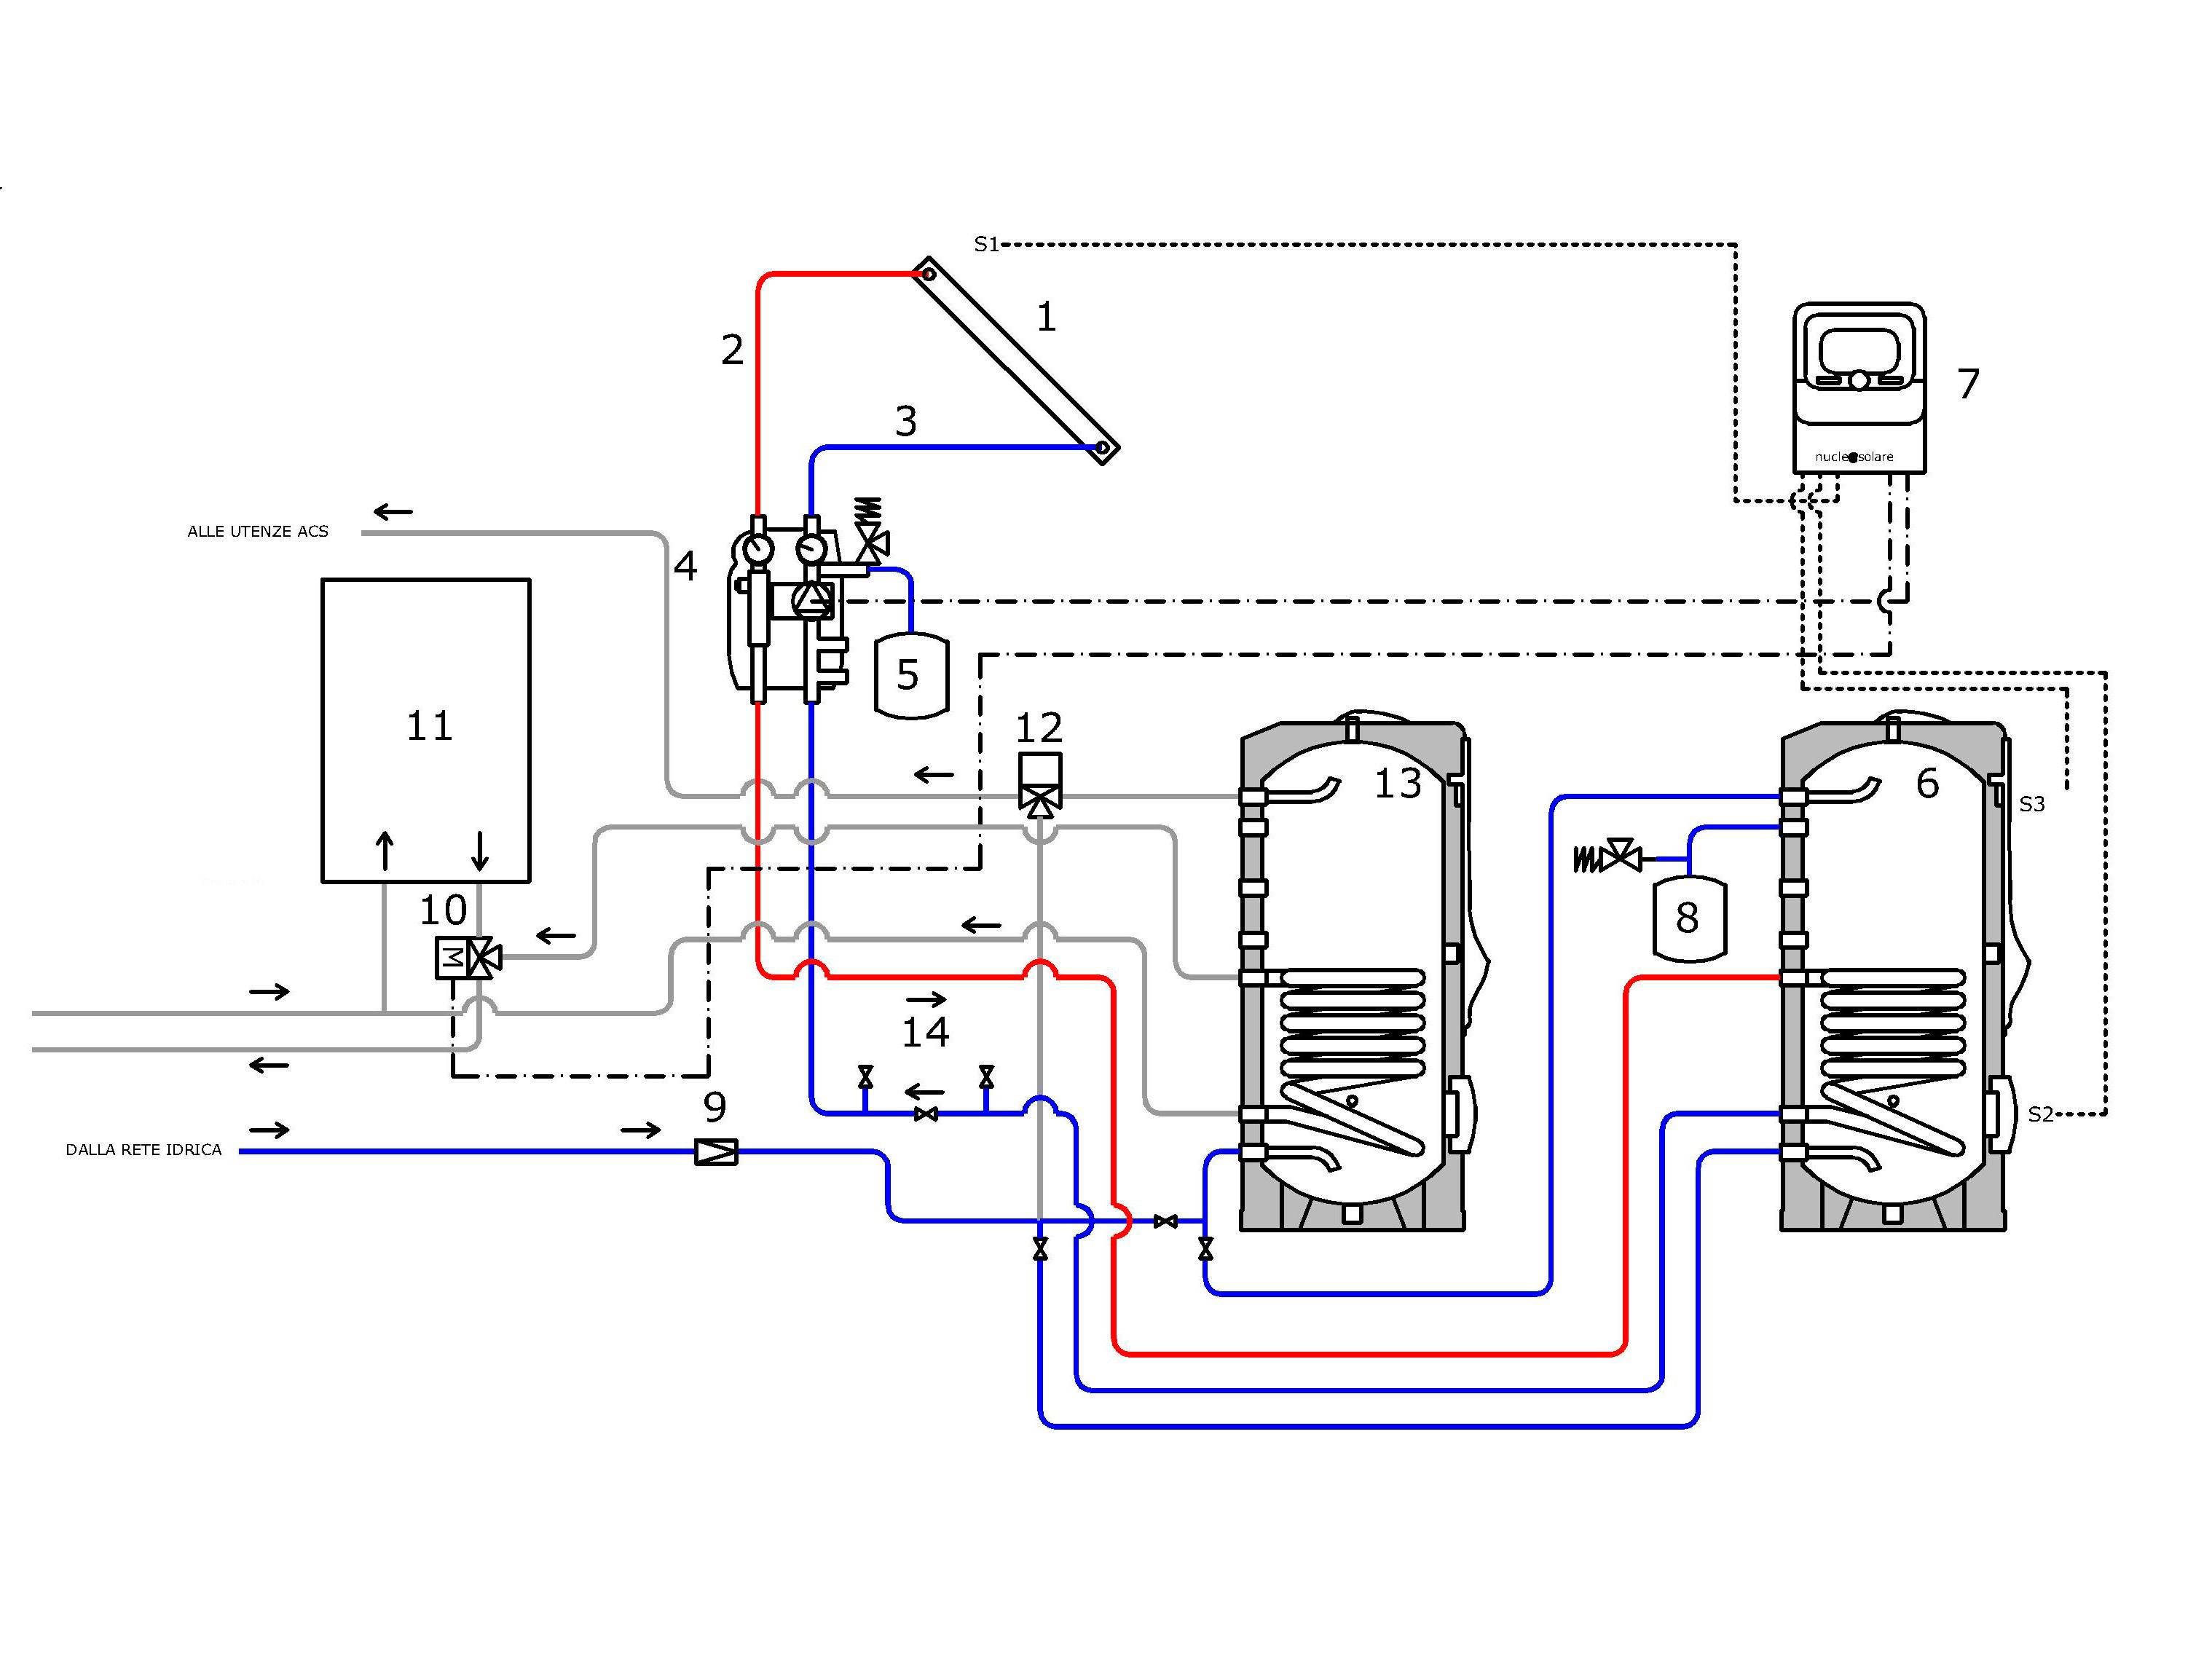 Elettrovalvola Acqua Calda Per Pannello Solare Termico Impianto Riscaldamento